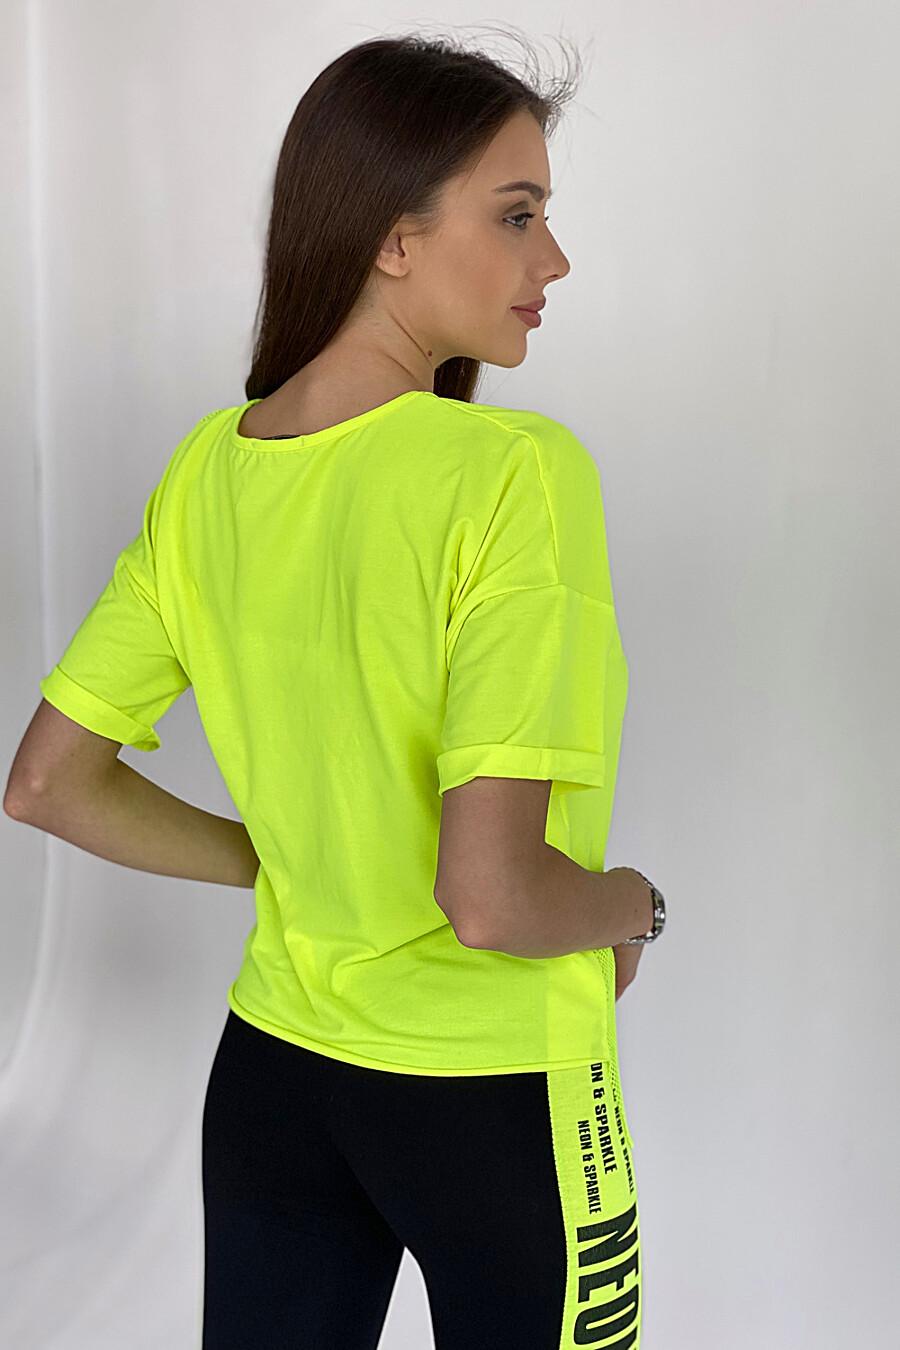 Футболка 8078 для женщин НАТАЛИ 649583 купить оптом от производителя. Совместная покупка женской одежды в OptMoyo